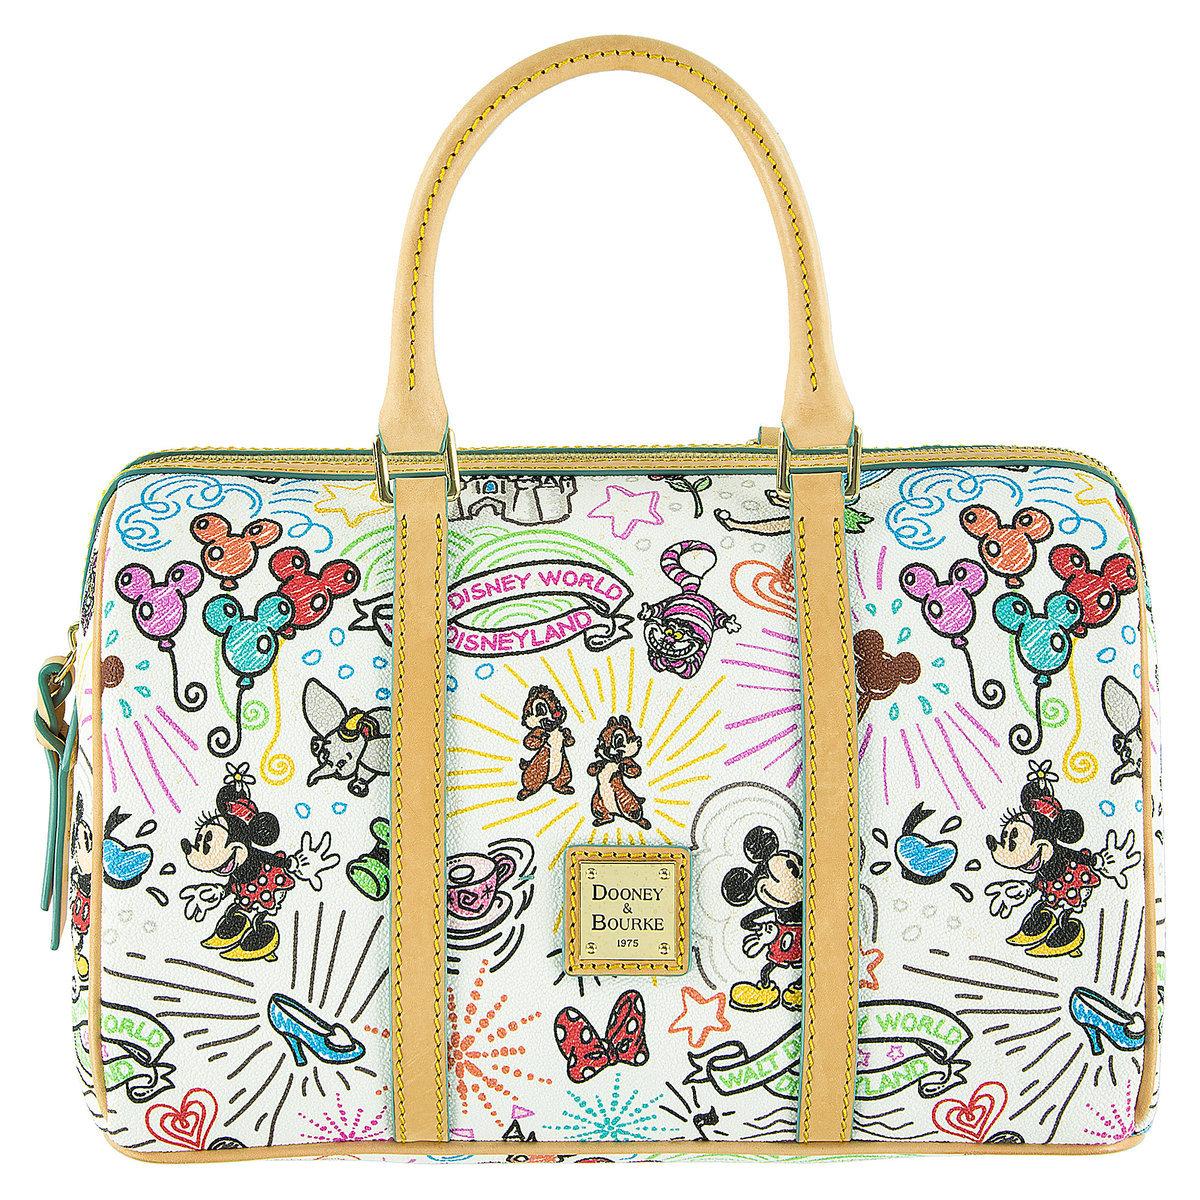 Disney Dooney Bourke Bag Sketch